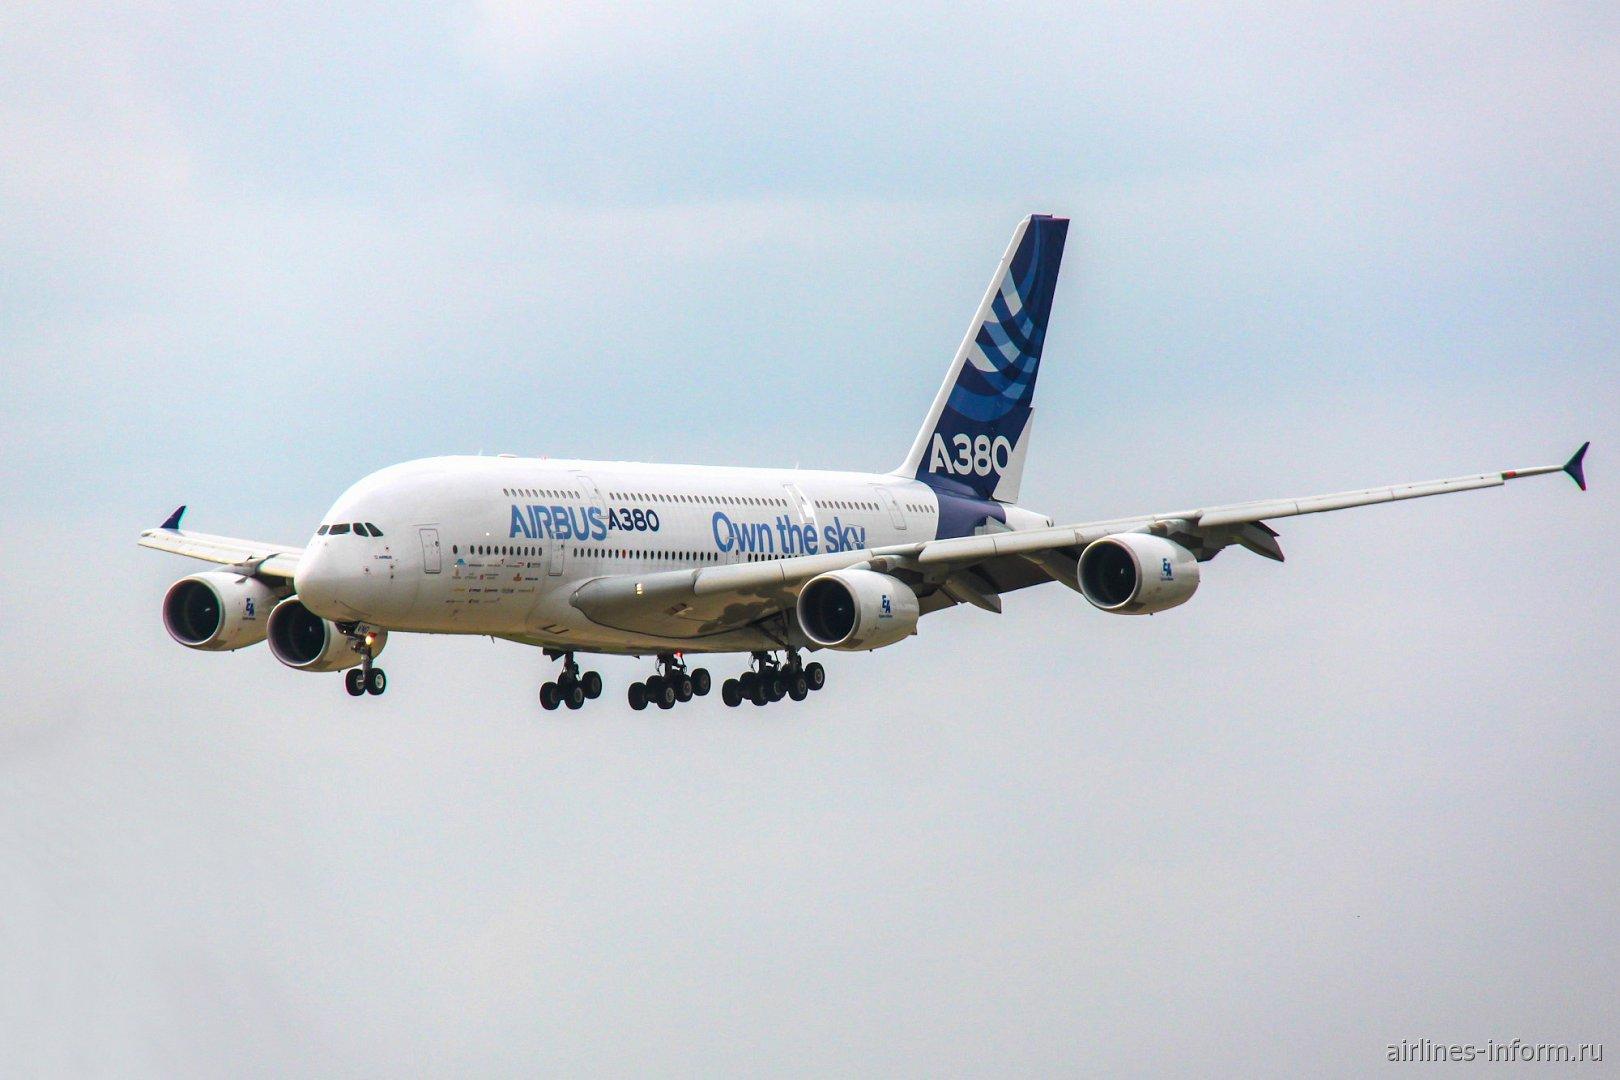 Самолет Airbus A380 в полете на авиасалоне МАКС-2013